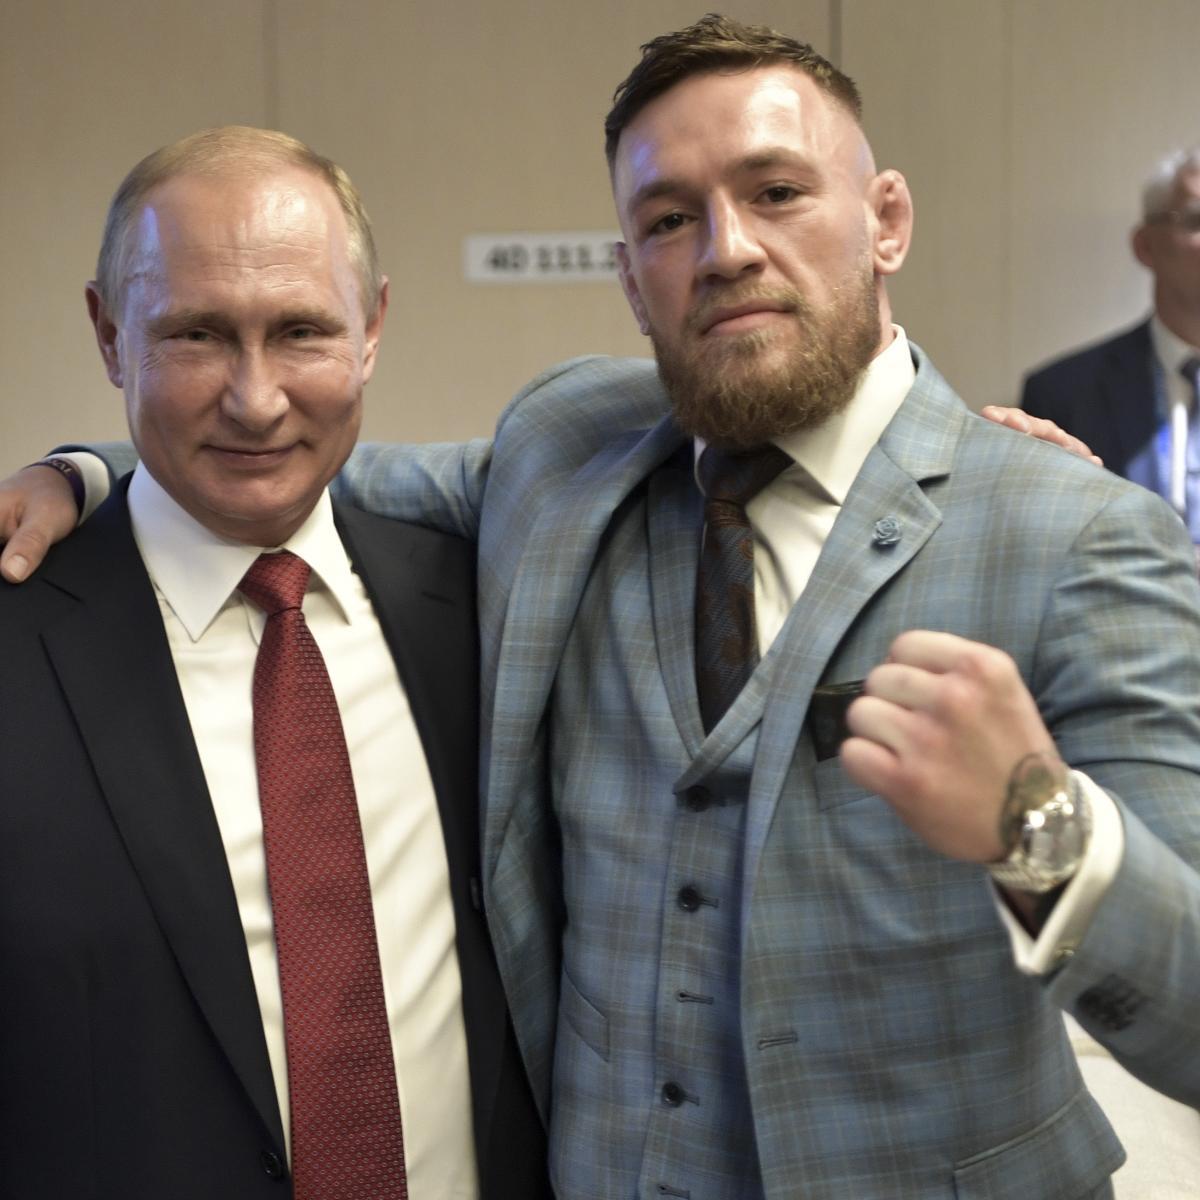 Conor McGregor Praises Vladimir Putin, Calls Him One of the 'Greatest Leaders'